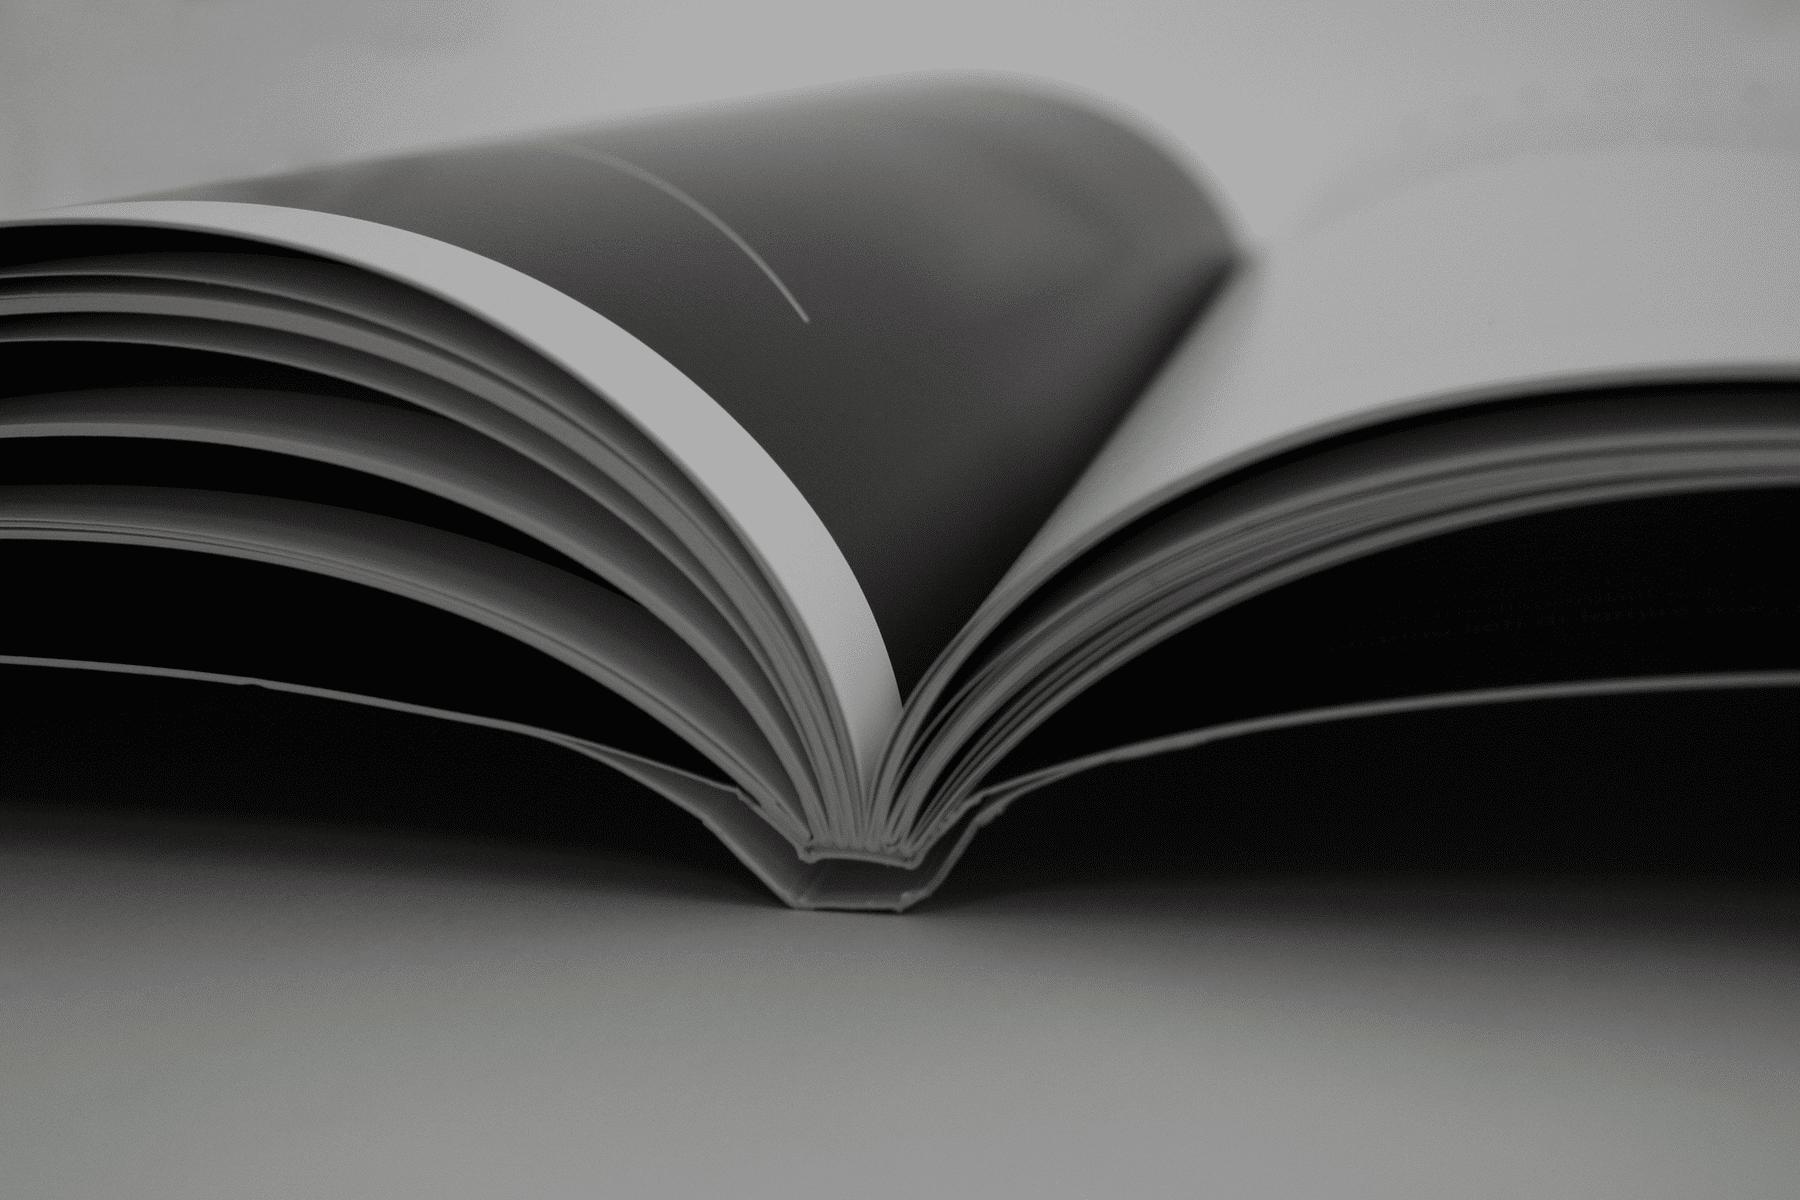 Brossura hardcover - Rilegatura realizzata mediante l'applicazione sulla brossura di una copertina accoppiata, allo scopo di dare maggior spessore e di lasciare libero il dorso per avere una migliore apertura.